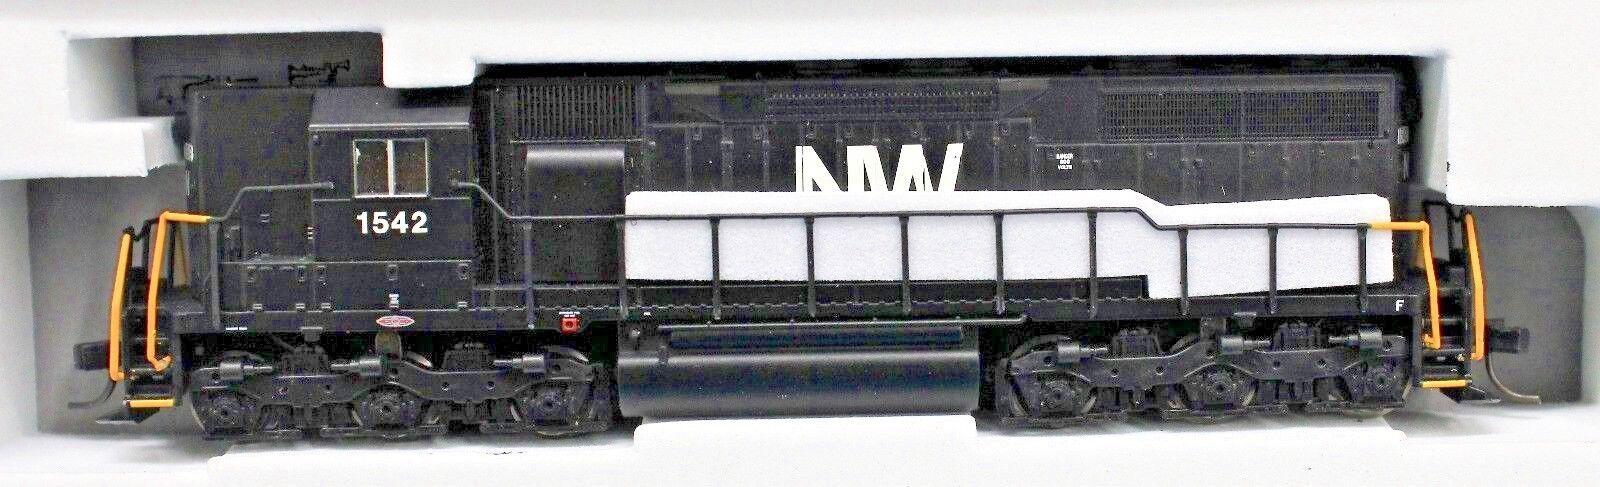 garantizado N-Atlas Plata 40 003 003 003 725 Norfolk & Western Locomotora SD35   1542 Dcc Listo  almacén al por mayor